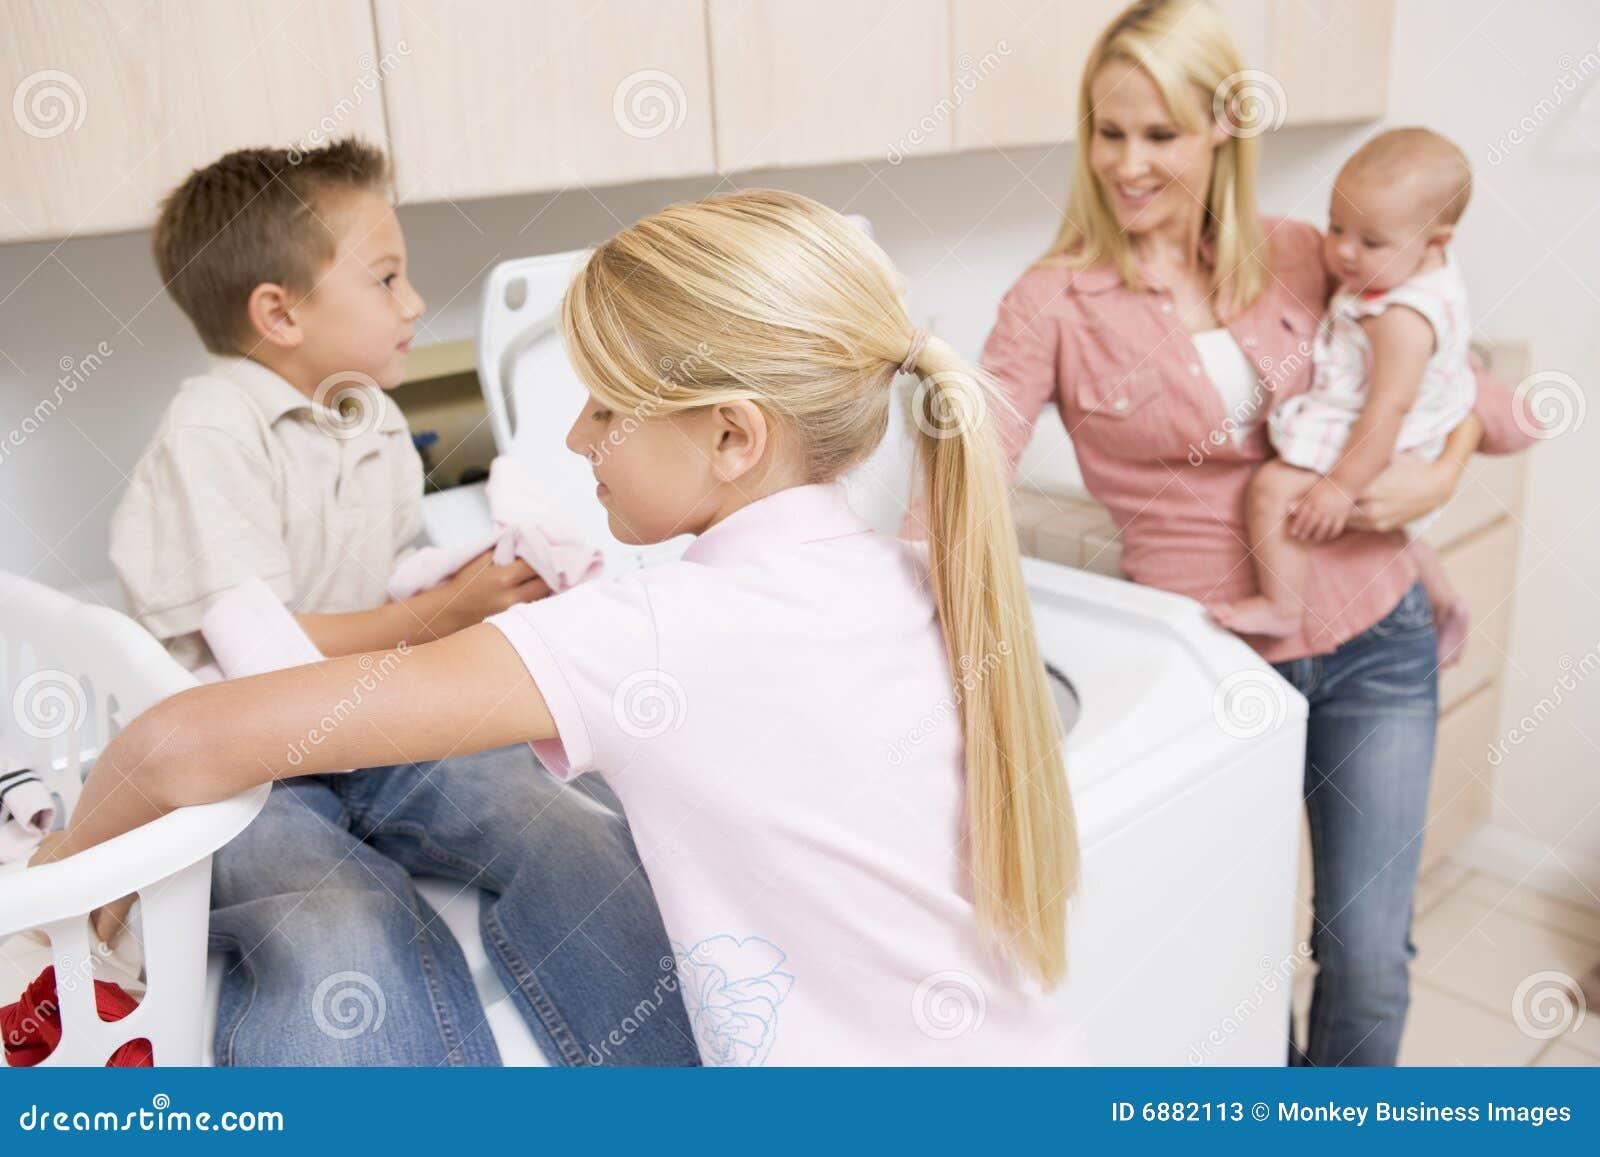 Children doing laundry mother